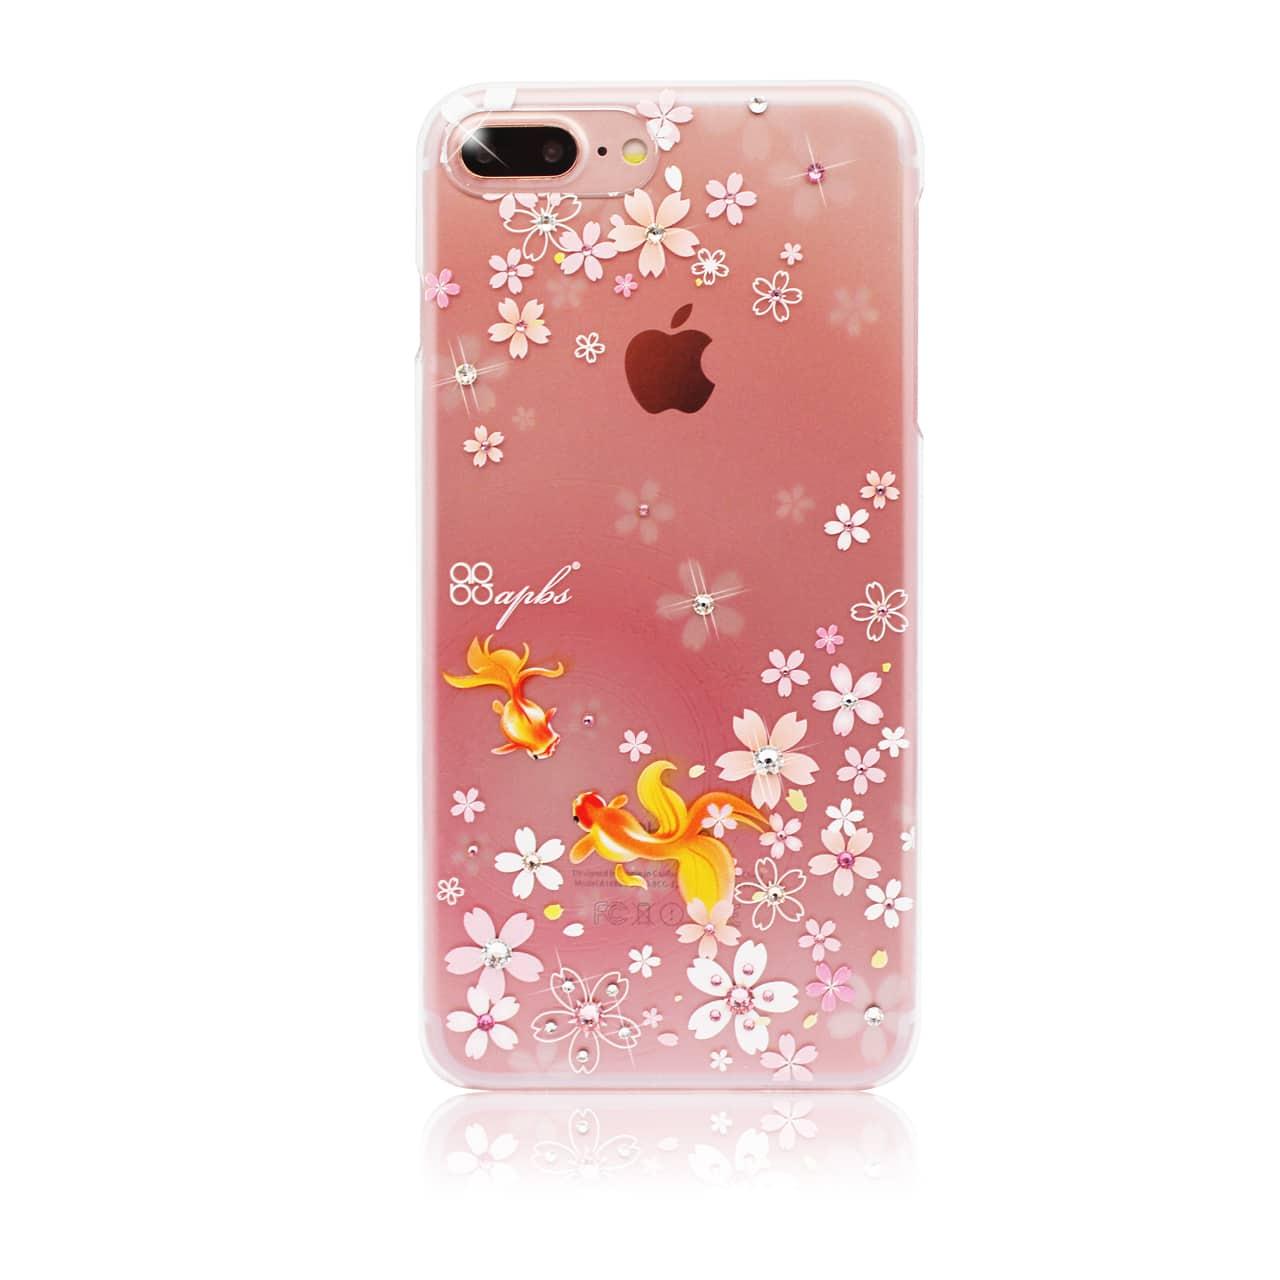 跟著我們日本賞櫻趣!apbs®給你滿滿粉色夢想